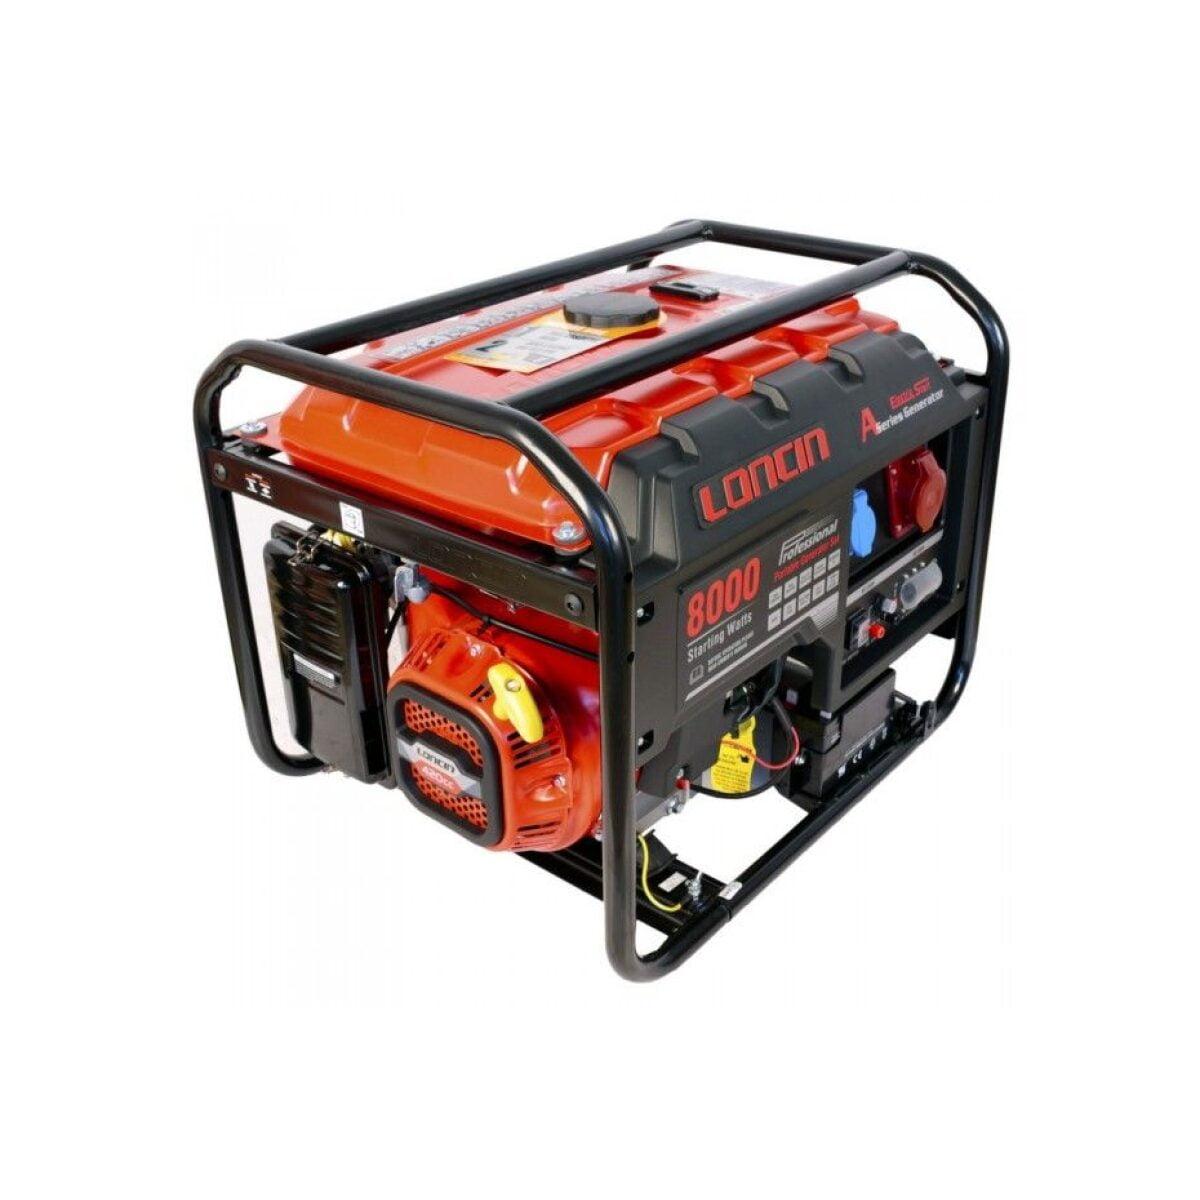 lc8000d a generator loncin 7 0 kw 380v lc8000d a o mac.ro 2